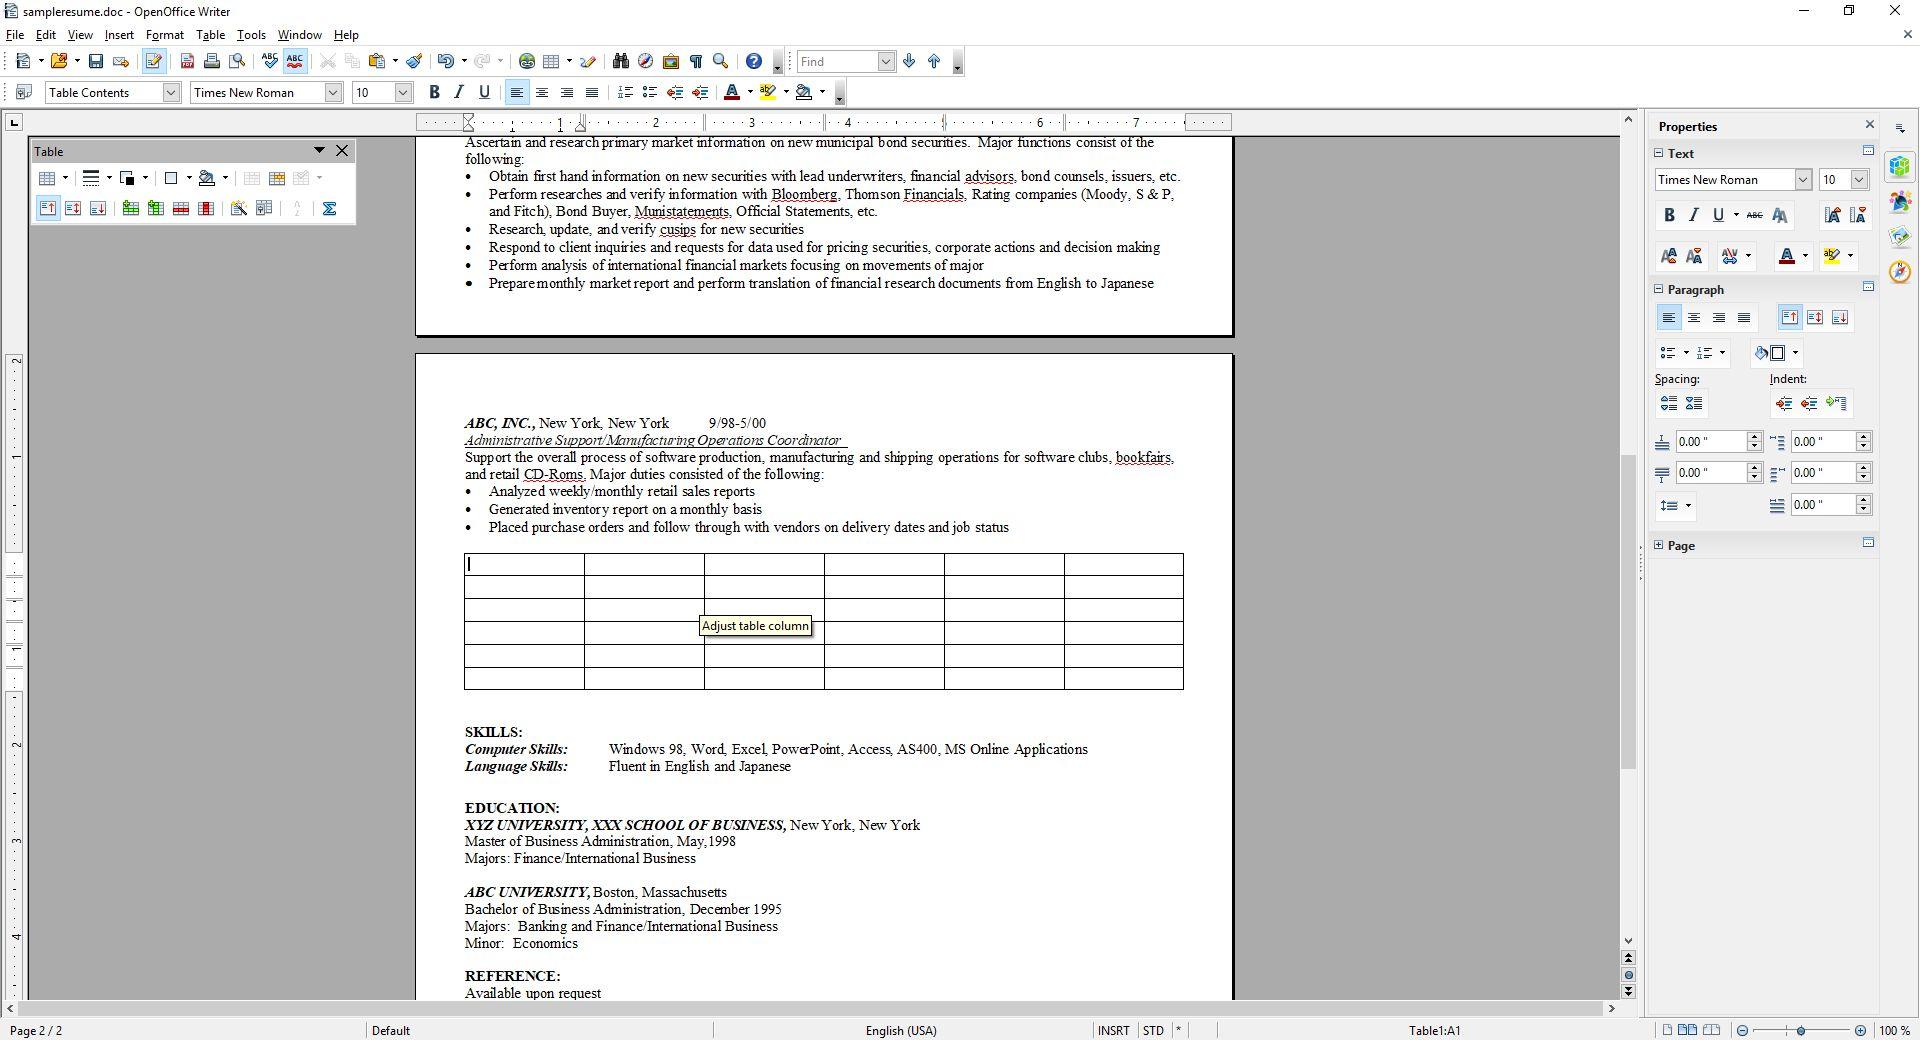 OpenOffice Insert Table